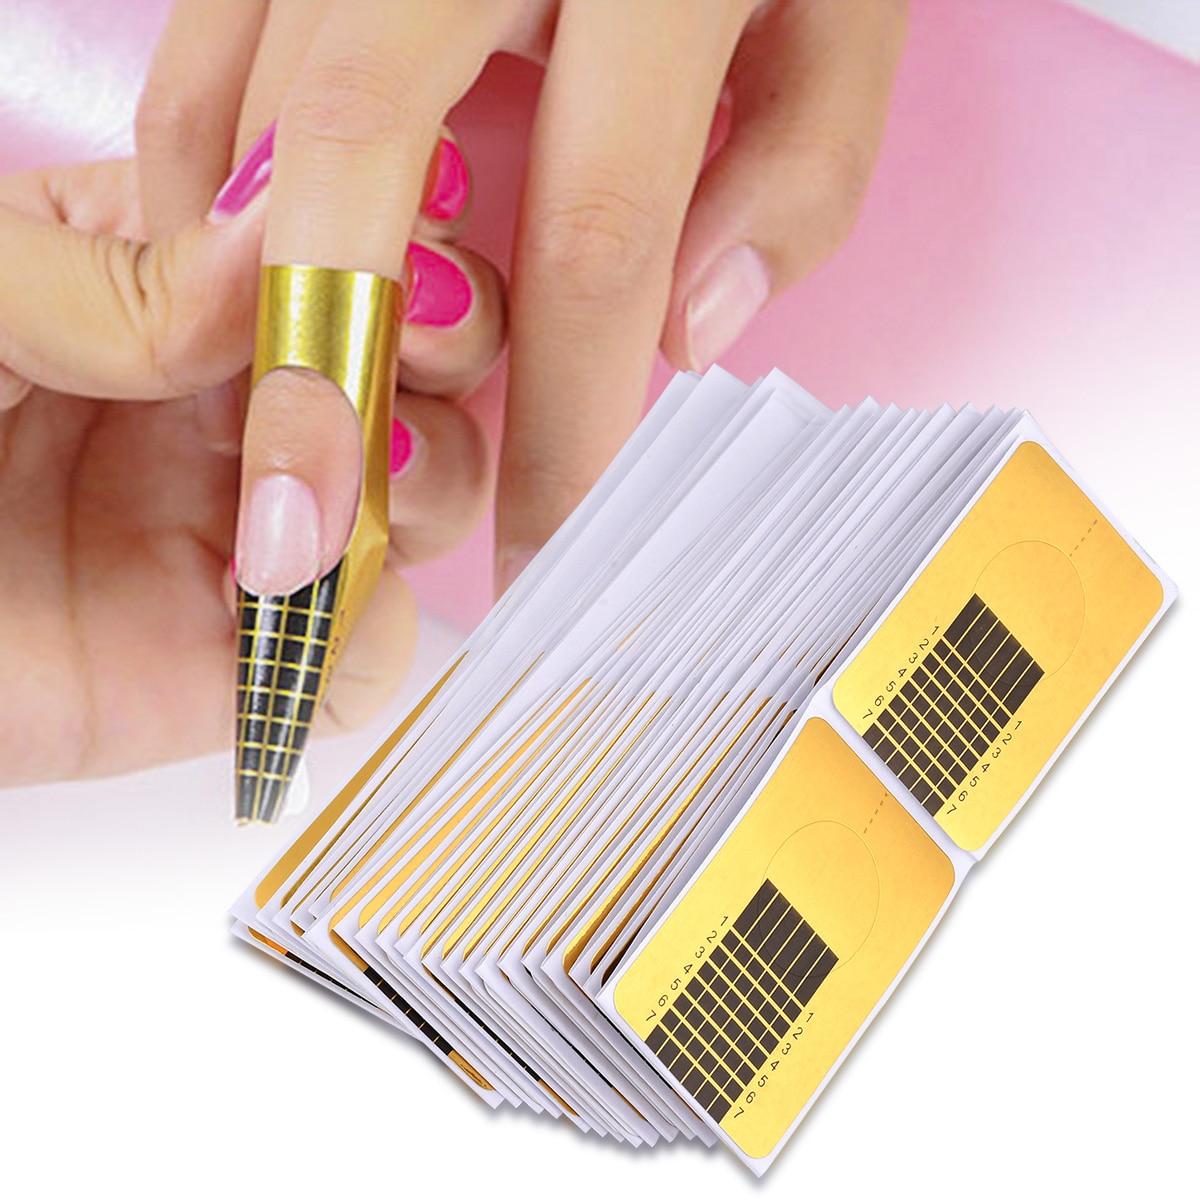 100 unids/set puntas francesas para formas de uñas, manicura profesional para uñas, Gel adhesivo de extensión, forma de rizo, forma de guía para arte de uñas